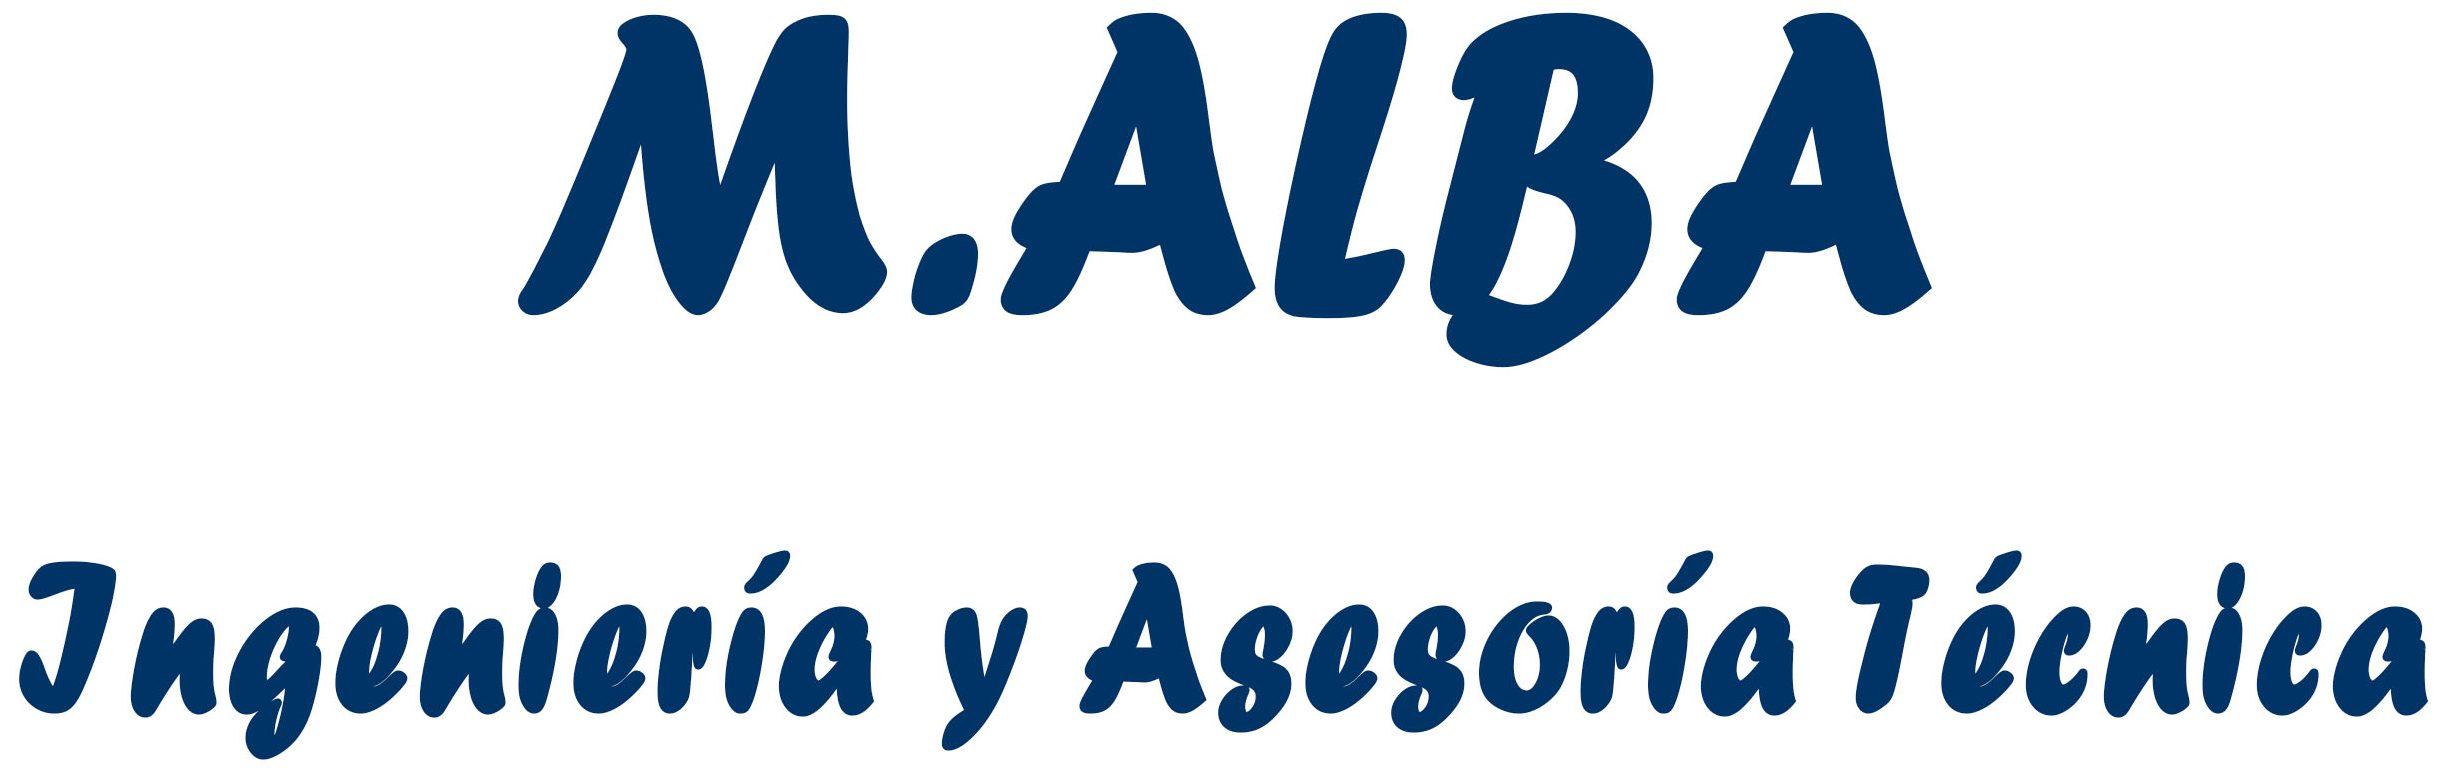 M. ALBA, INGENIERIA Y ASESORIA TECNICA (Calidad, Seguridad, Medio Ambiente)